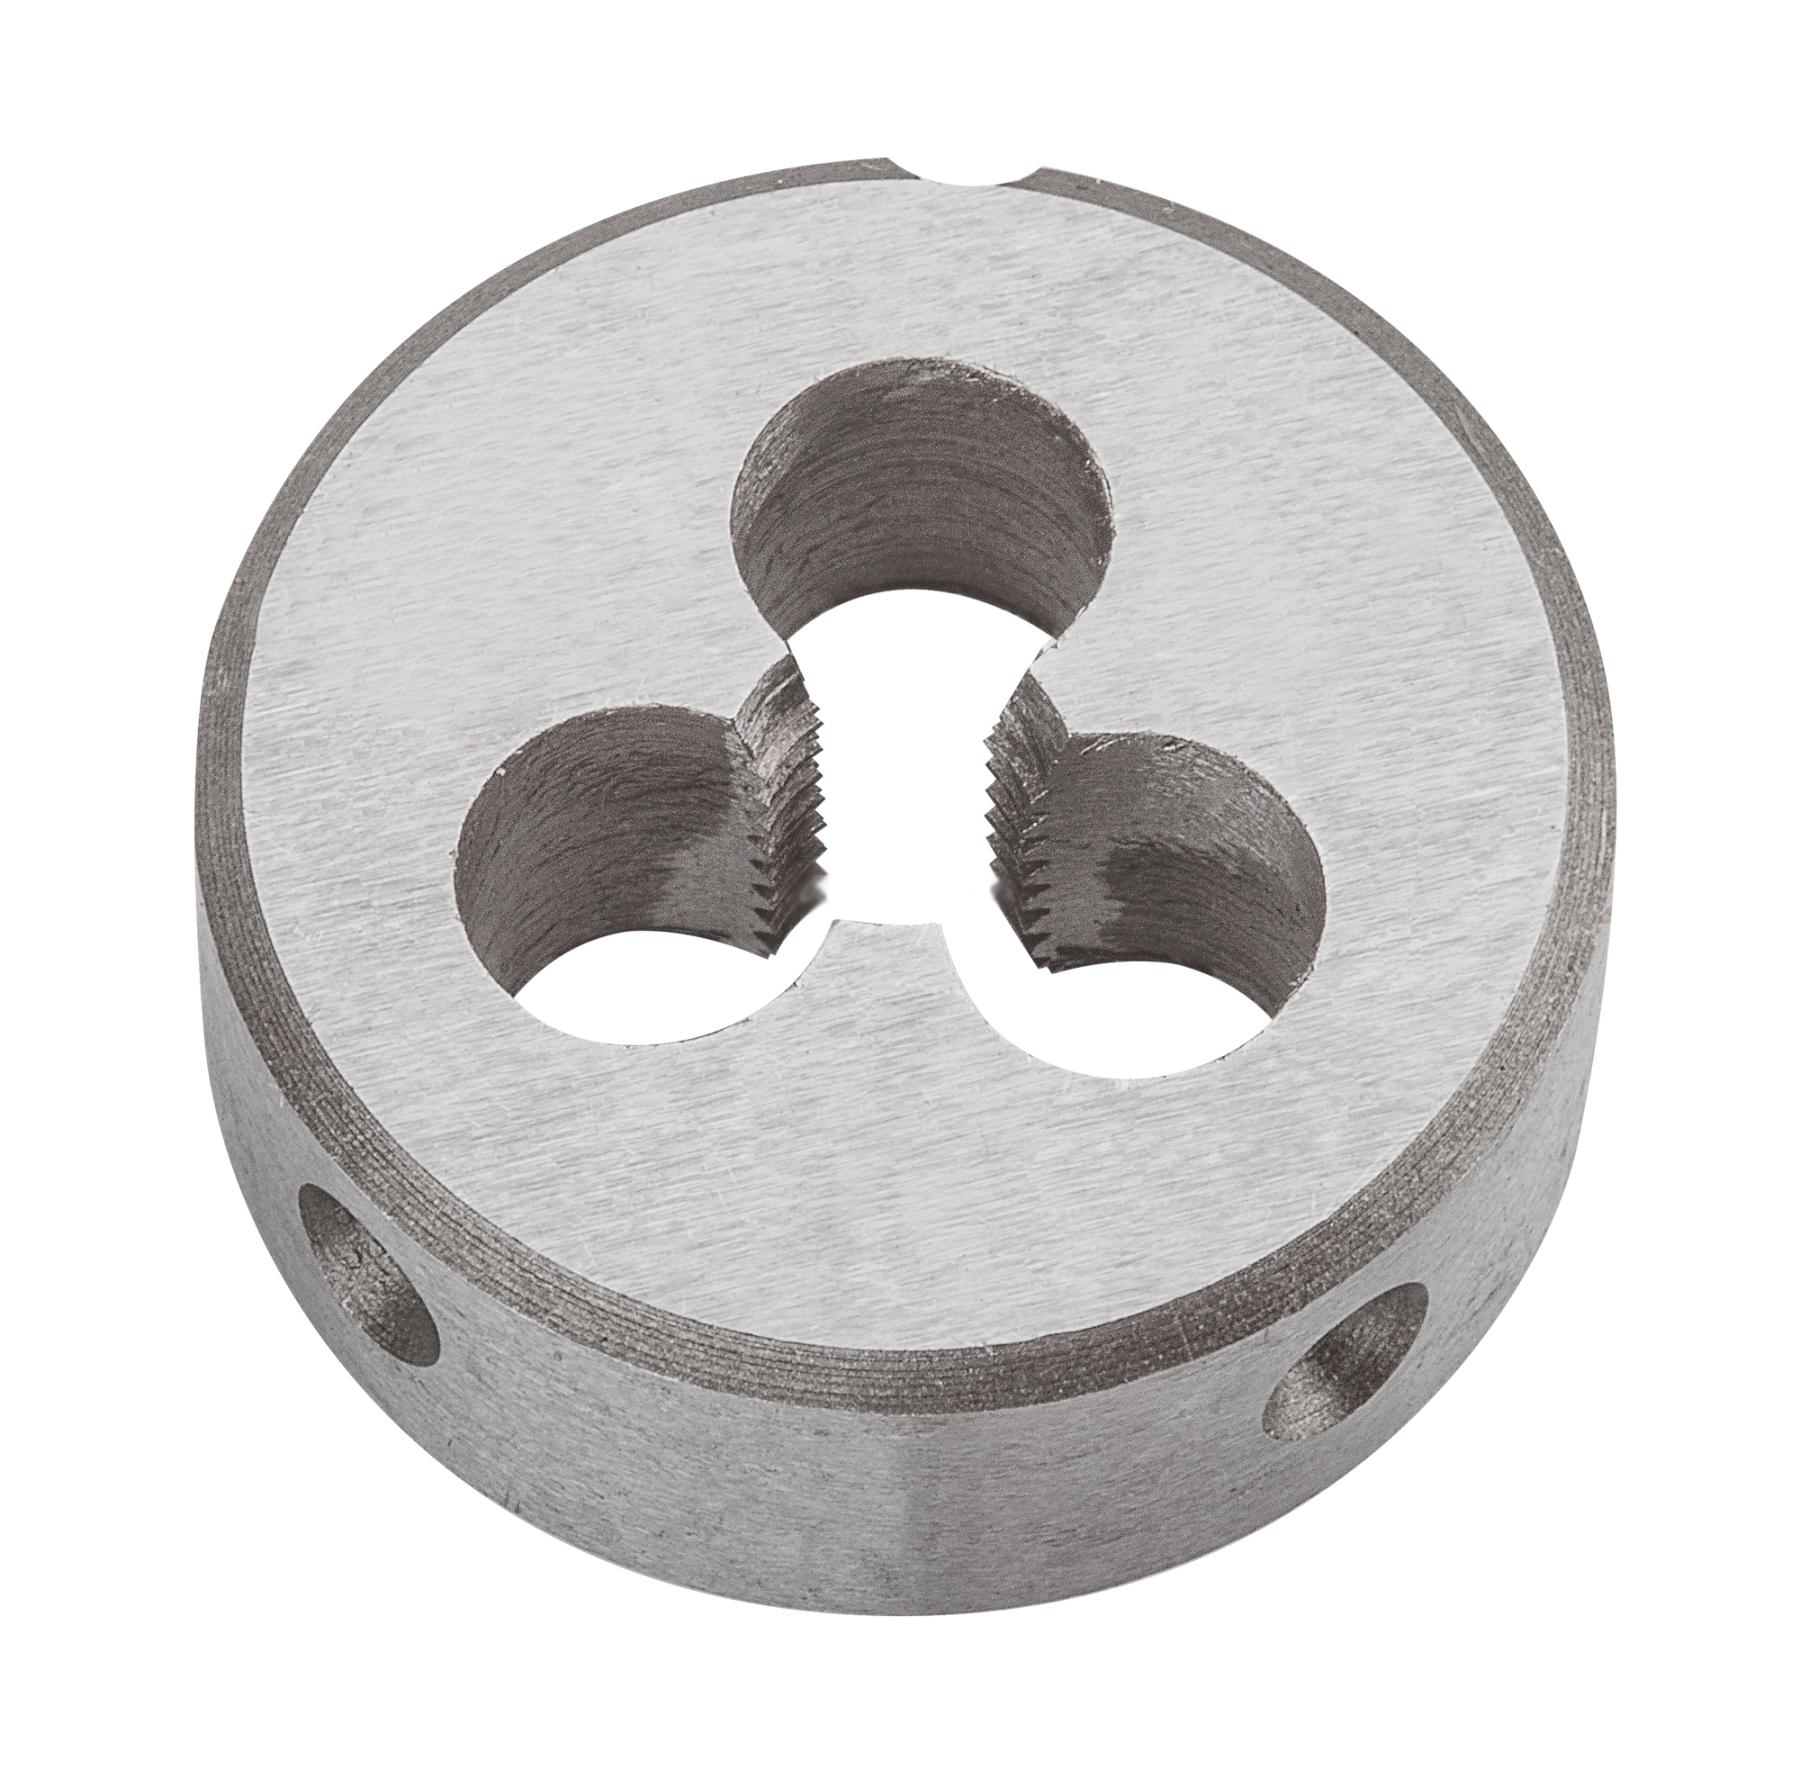 Плашка вольфрамовая Topex, М5, 25 х 9 мм14A305Плашки вольфрамовые Торех используются для нарезания метрической резьбы. Характеристики: Материал: металл. Шаг резьбы: М5. Размеры плашки: 2,5 см х 0,9 см. Размеры упаковки:9 см х 5 см х 1,5 см.